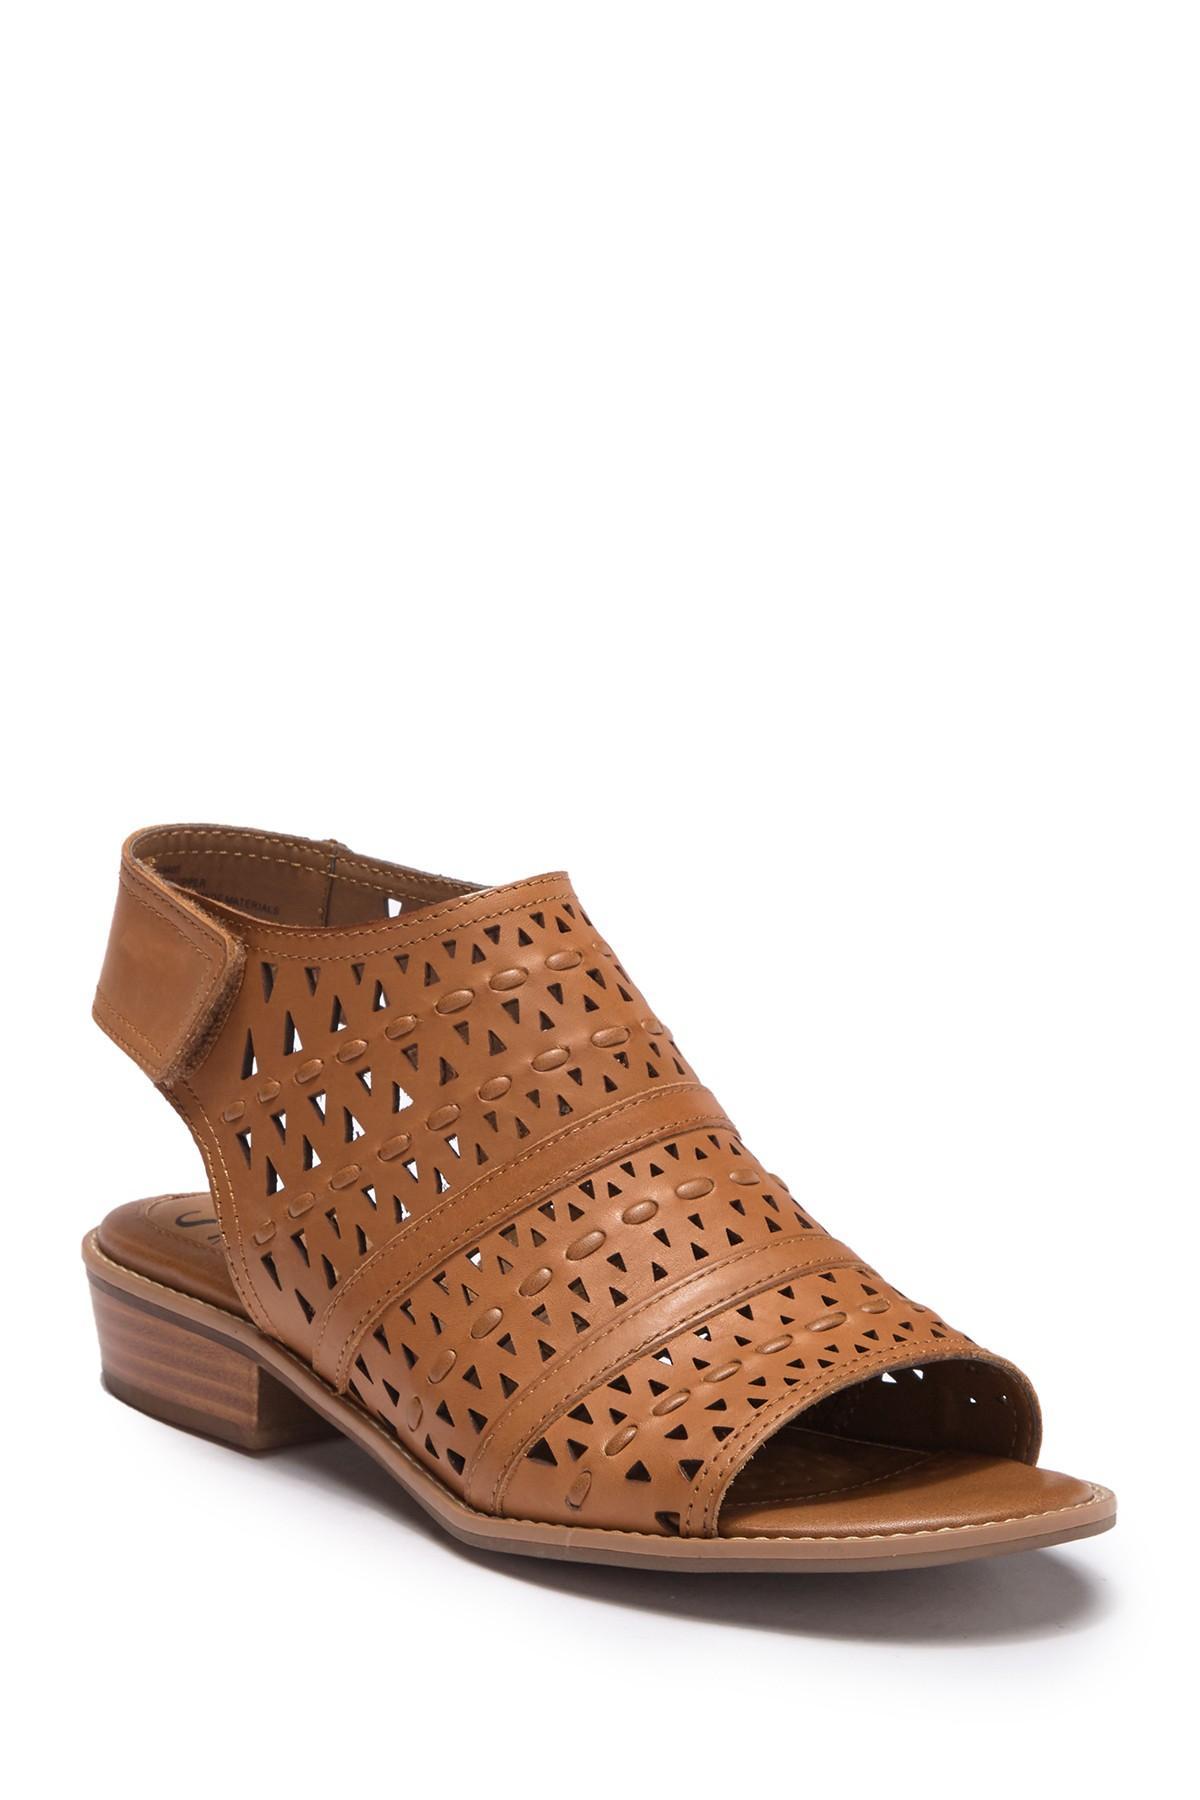 f359cb24 Söfft Brown Natalee Perforated Peep Toe Sandal